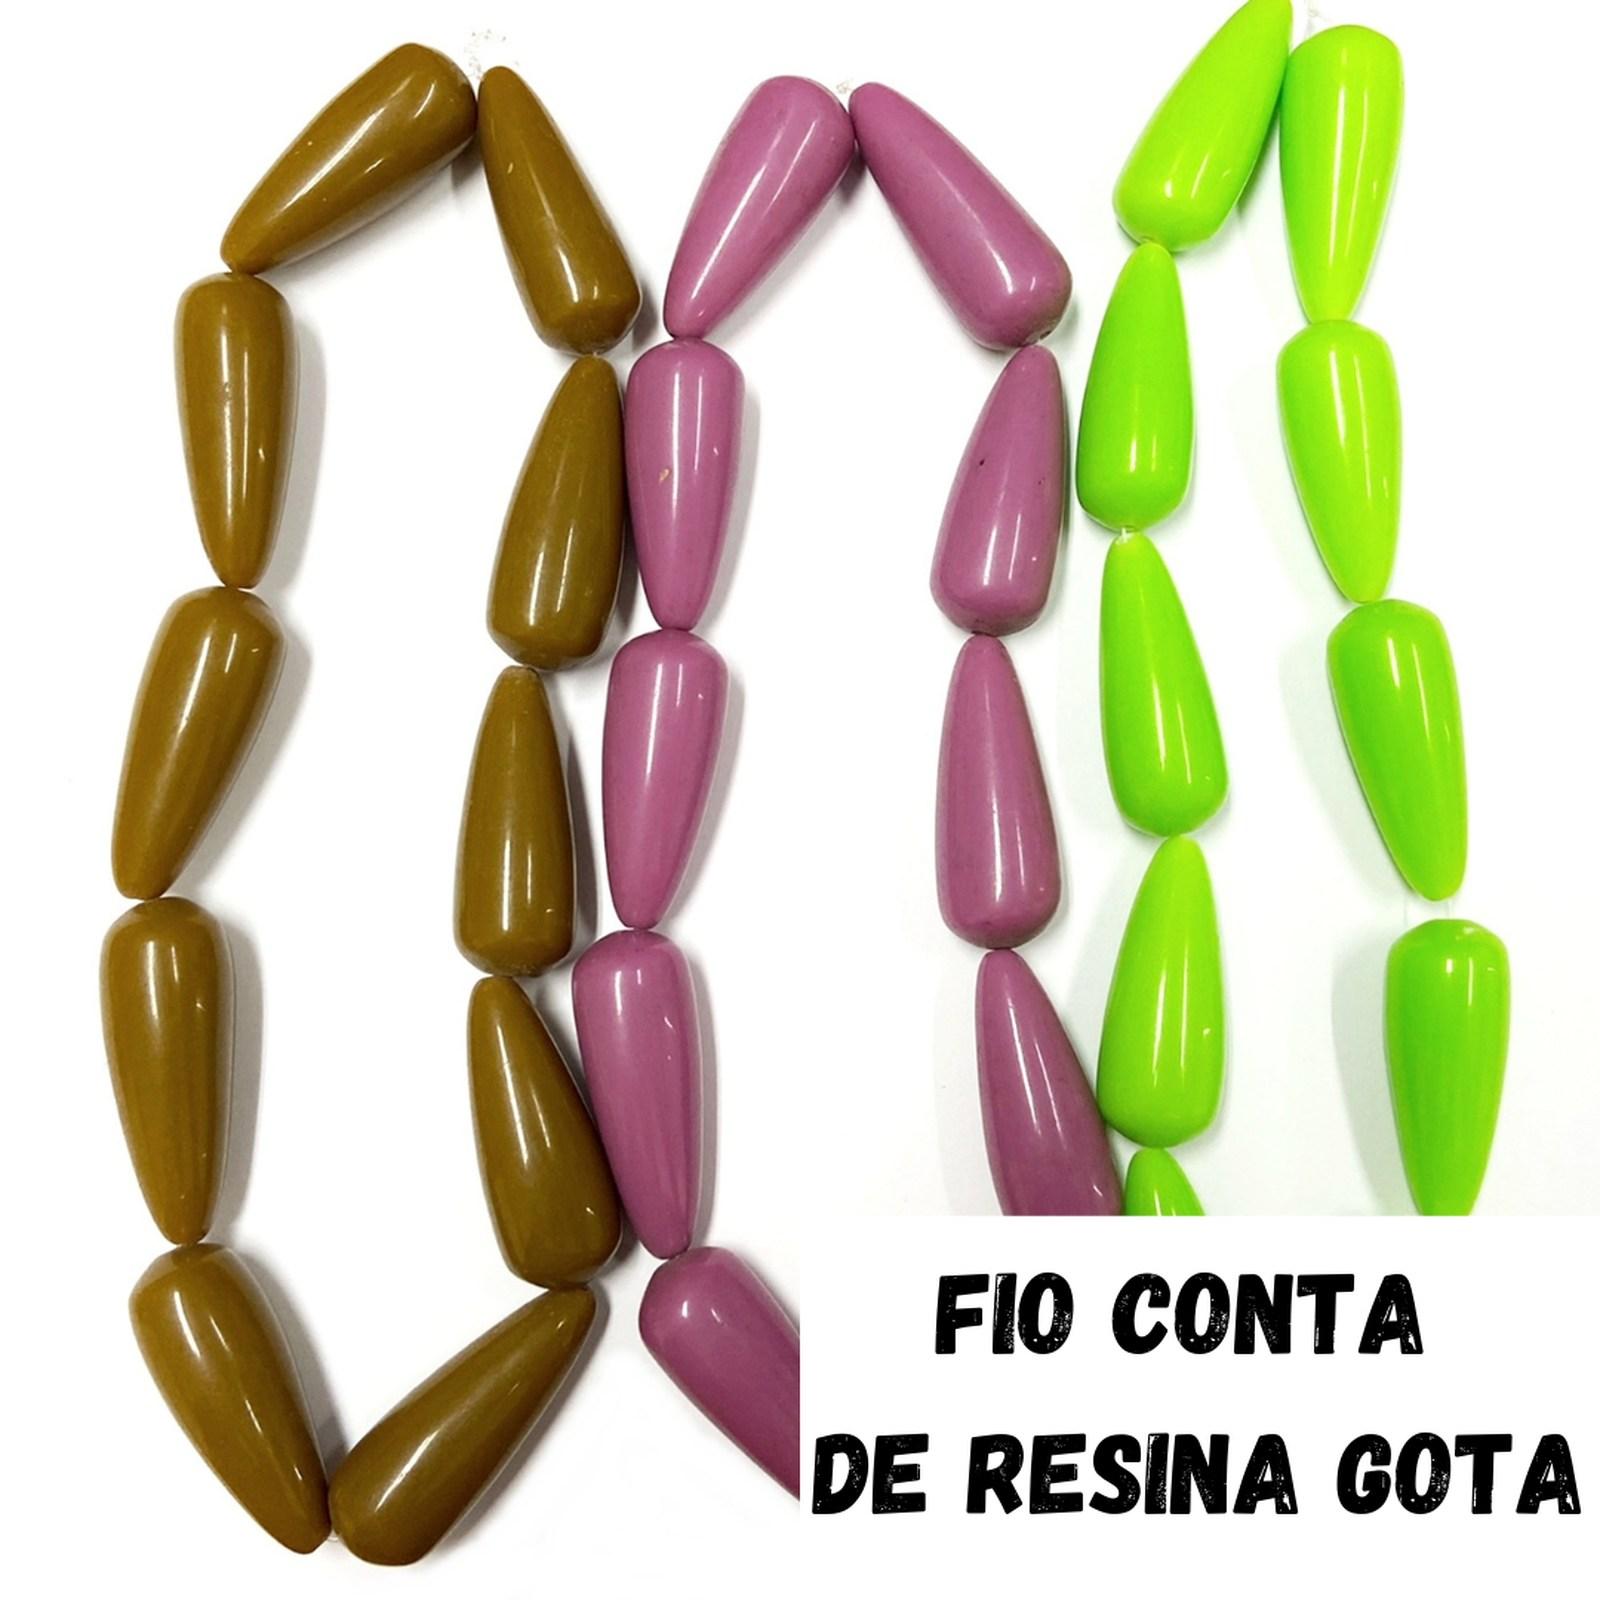 Fio Conta de Resina 20x38mm - 1 Fio